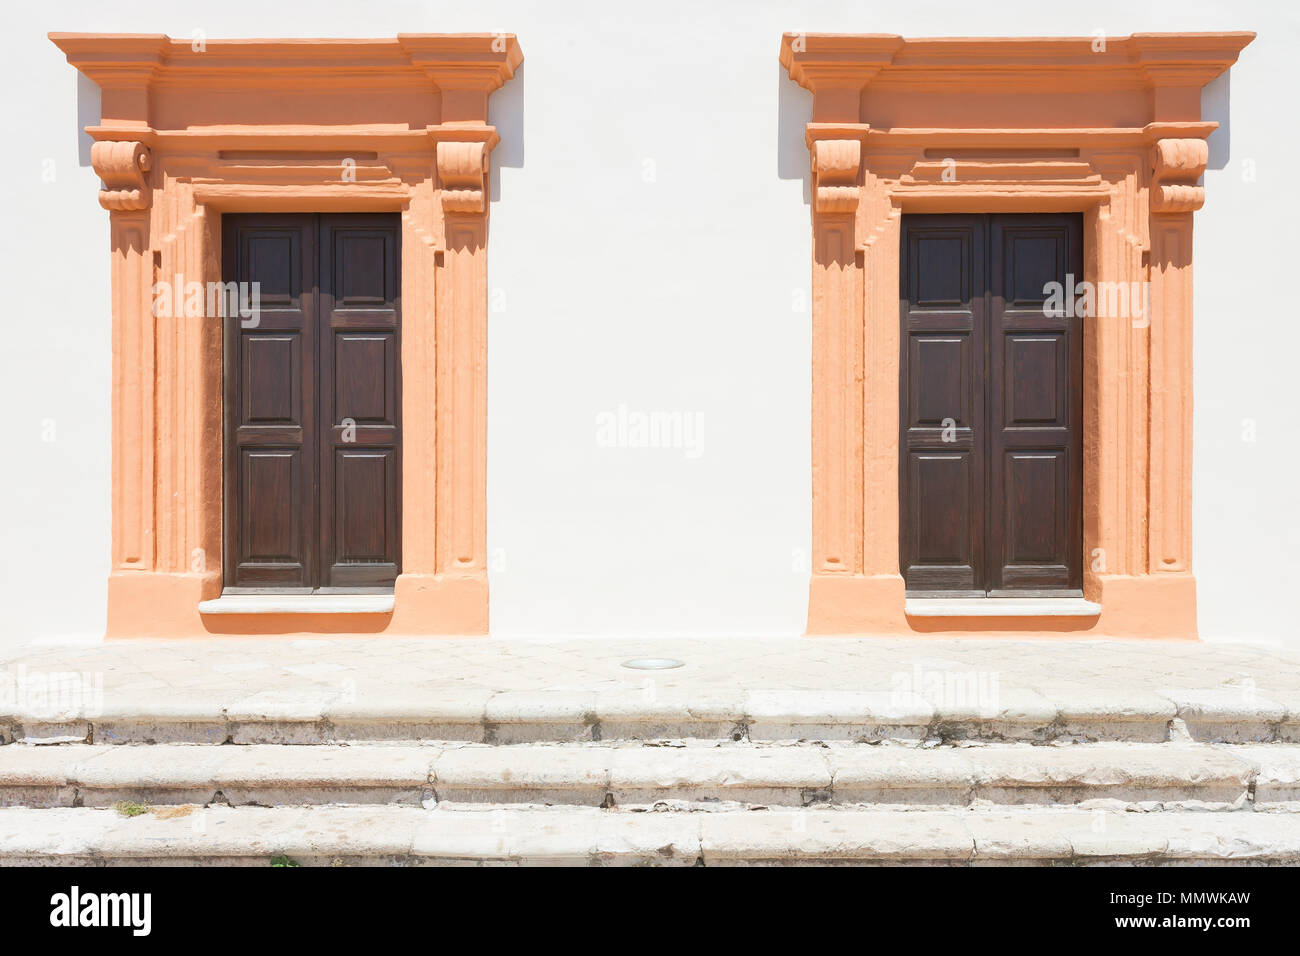 Gallipoli, Apulien, Italien - Zwei Lachs im mittleren Alter Scheune Türen Stockfoto